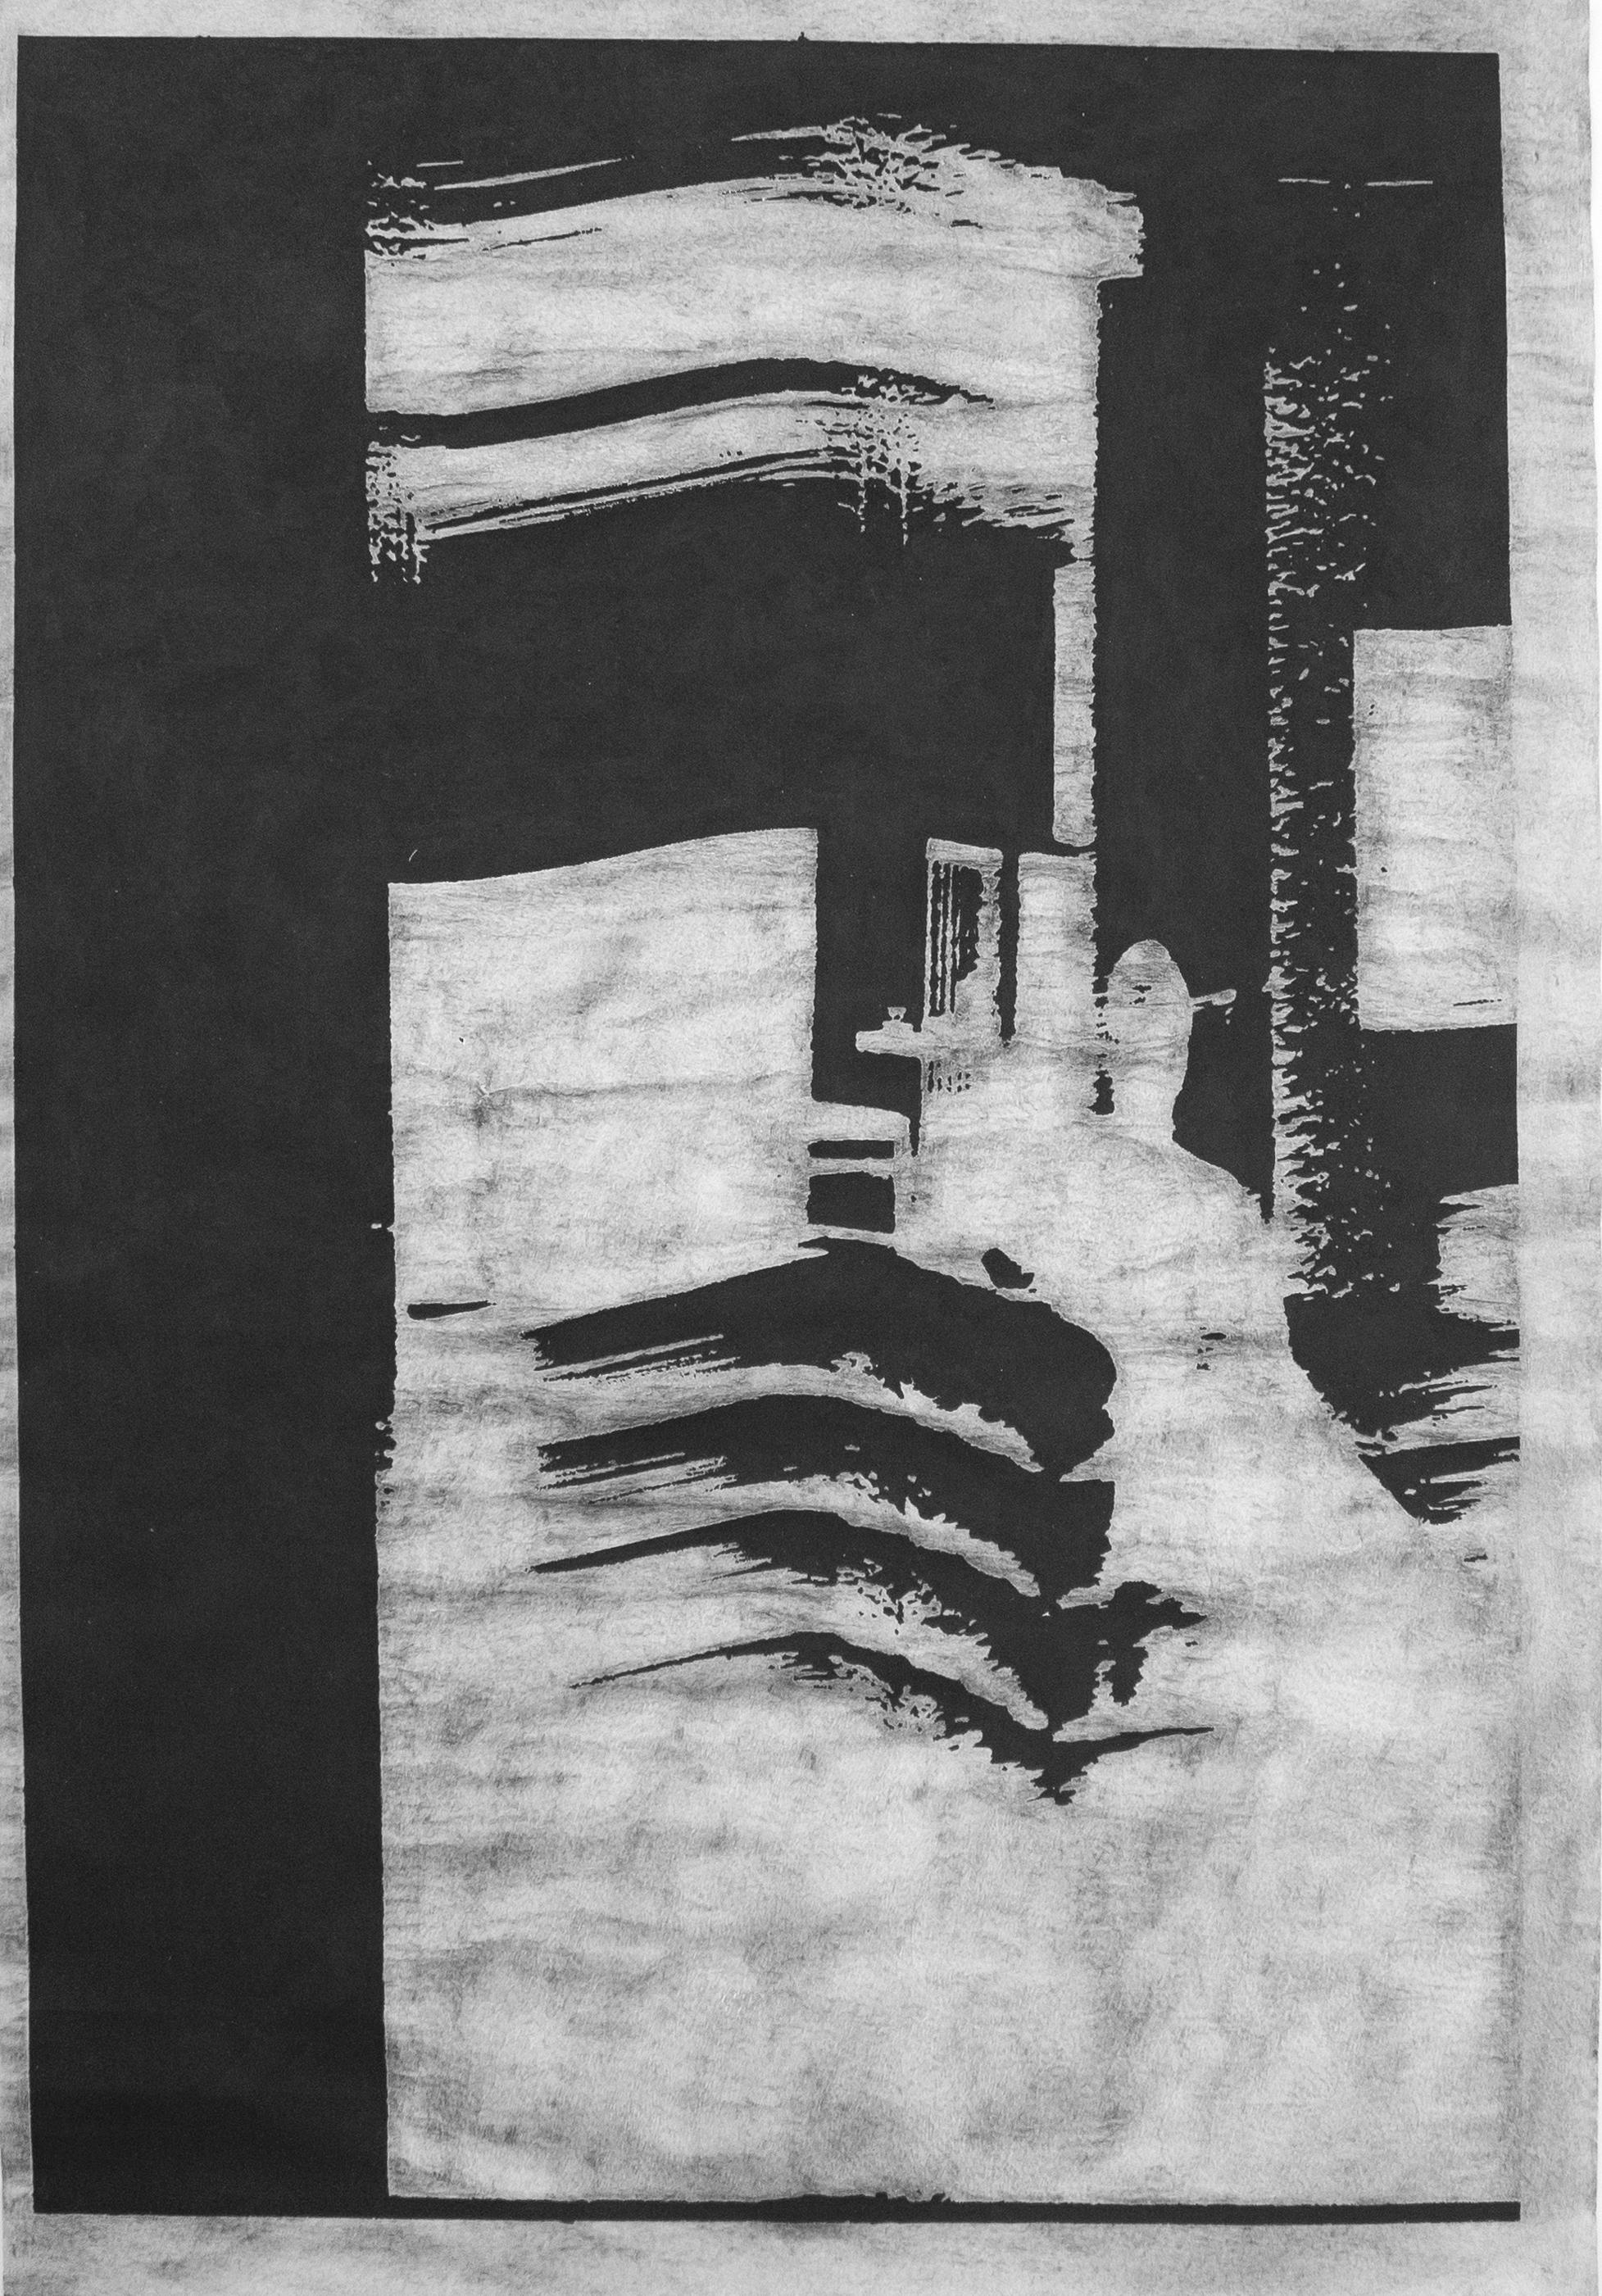 Christian Rickert | Interieur mit Figur und Teetasse